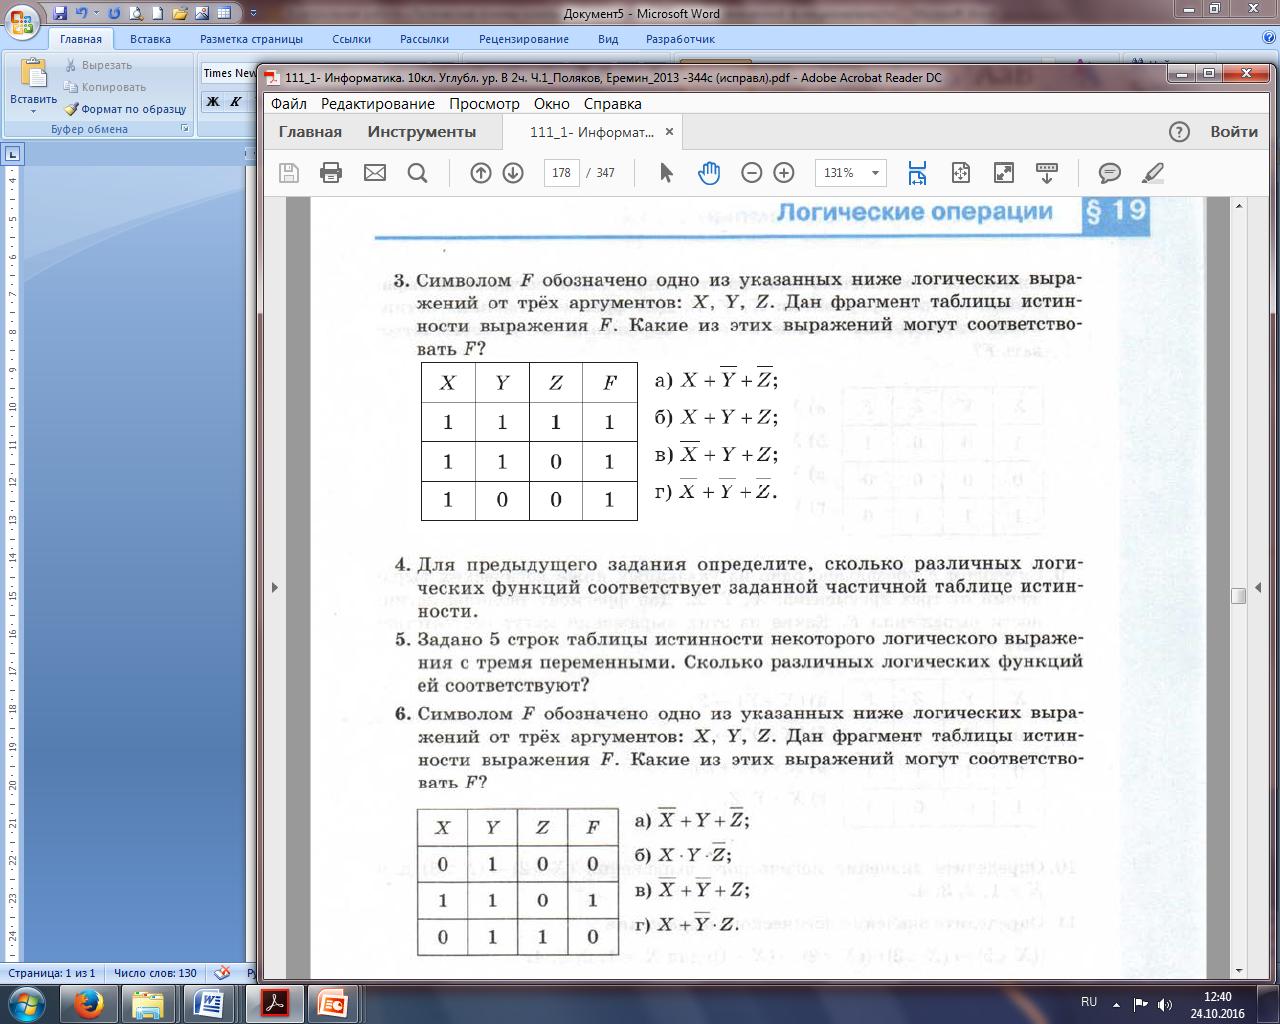 Контрольная работа по теме Логические основы компьютера hello html 627b6a7b png